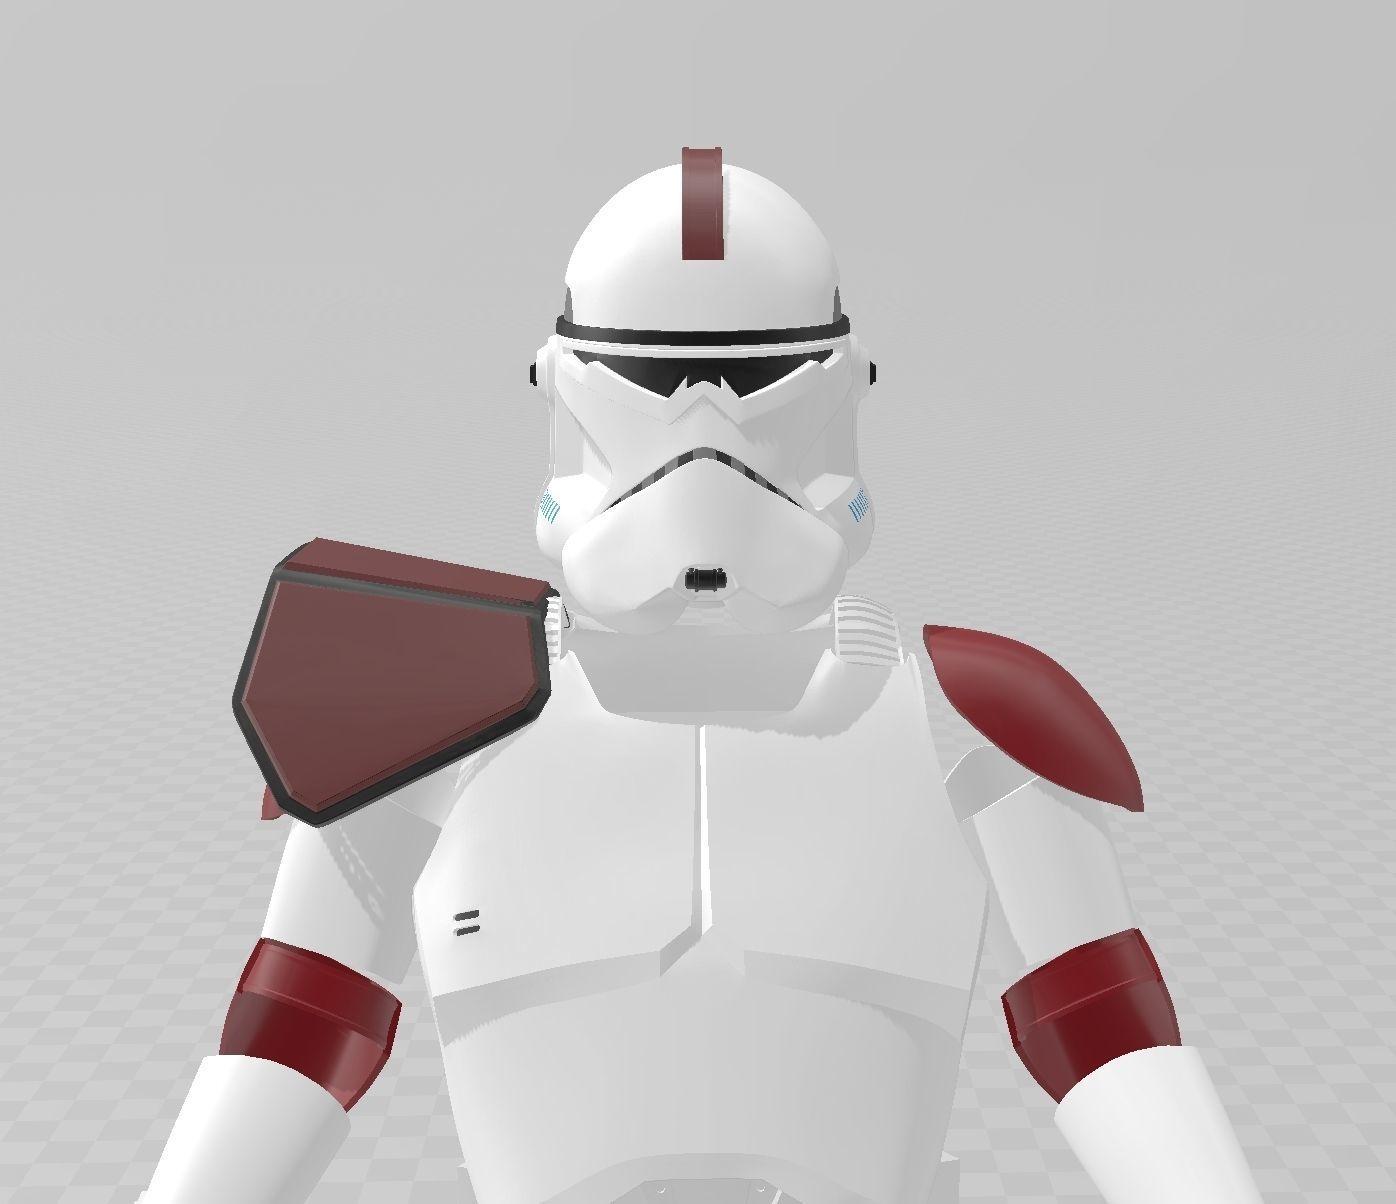 Star Wars In 3d